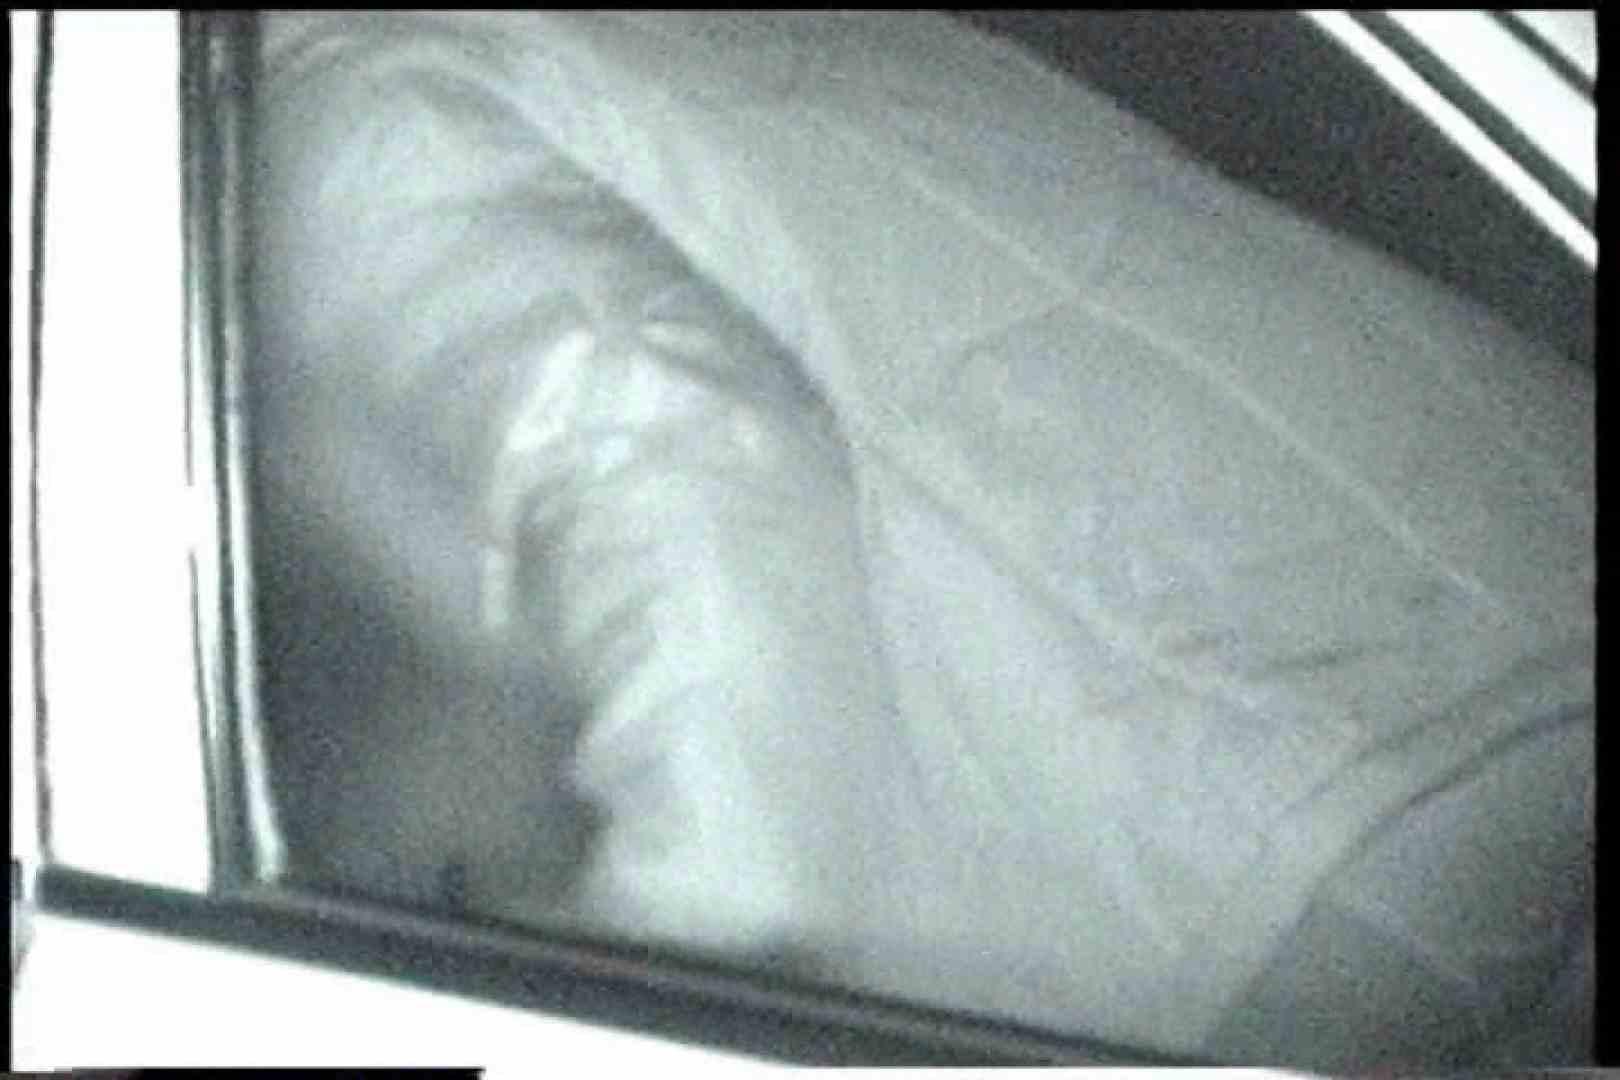 充血監督の深夜の運動会Vol.165 OLエロ画像 | 0  105PICs 5